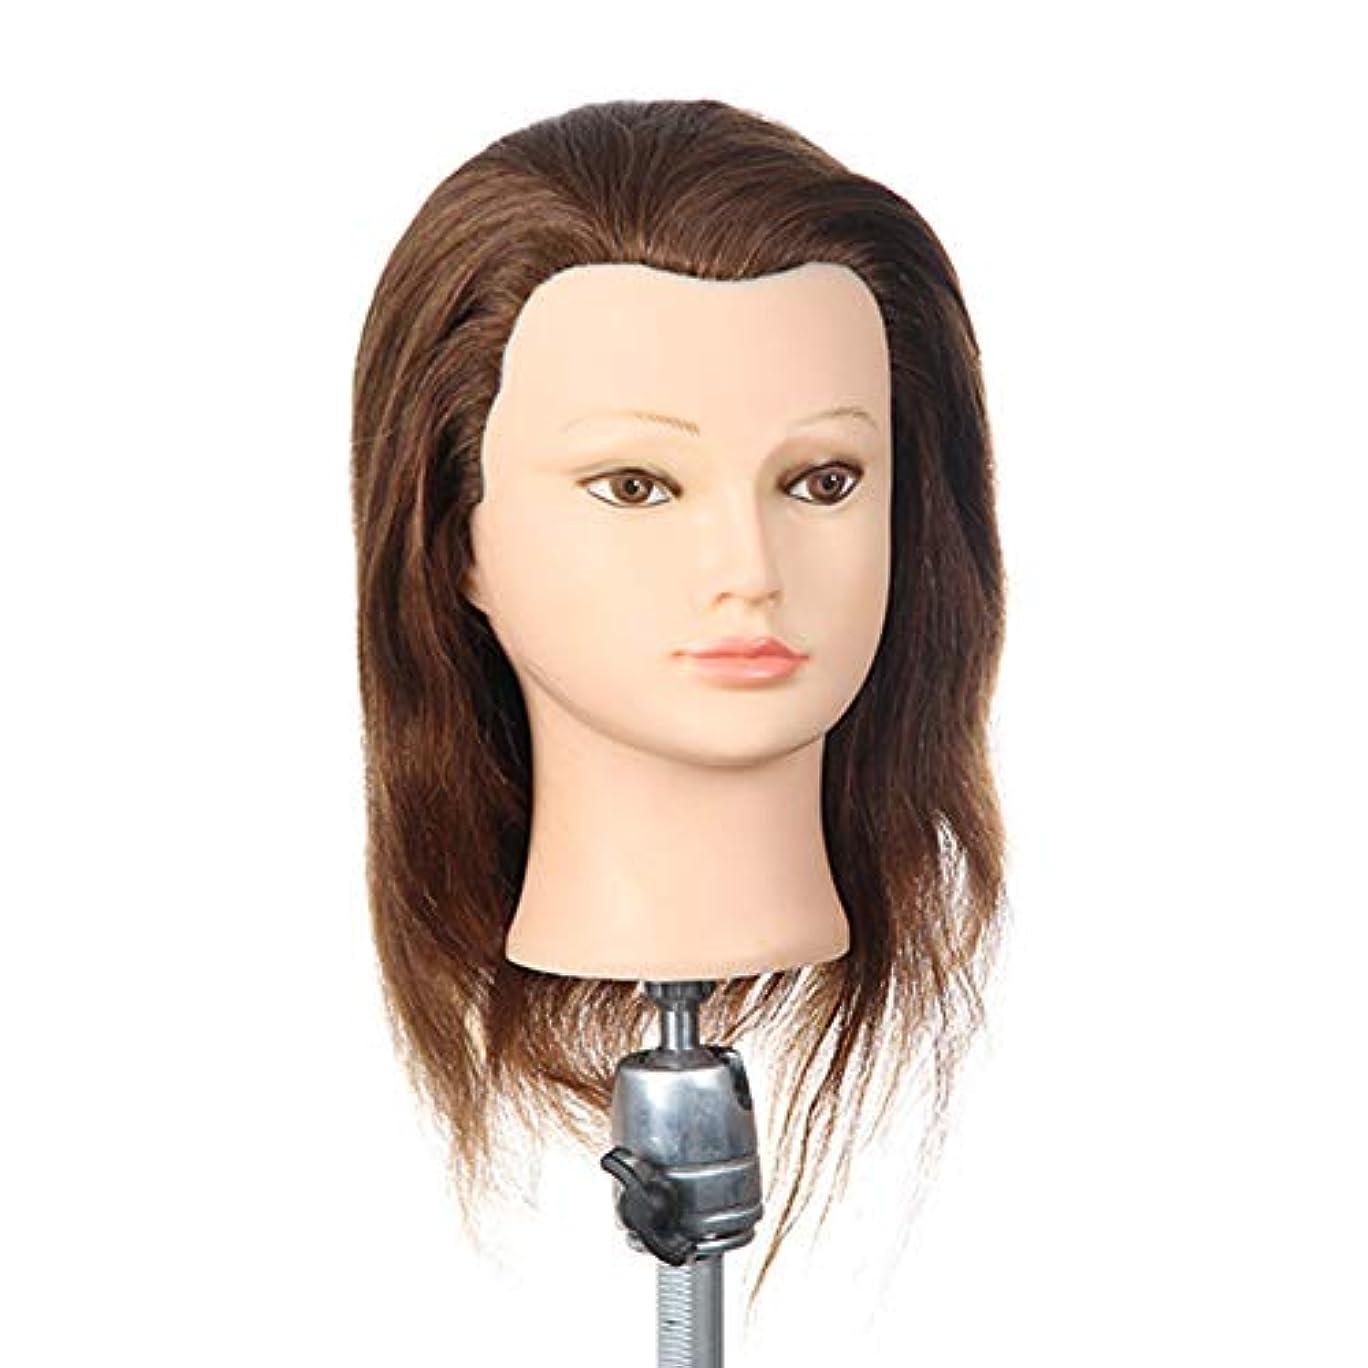 デコラティブ司書怒るパーマ髪染めティーチングヘッドメイクヘアスタイリングモデルヘッド理髪練習ヘッドブローホットロールマネキンヘッド